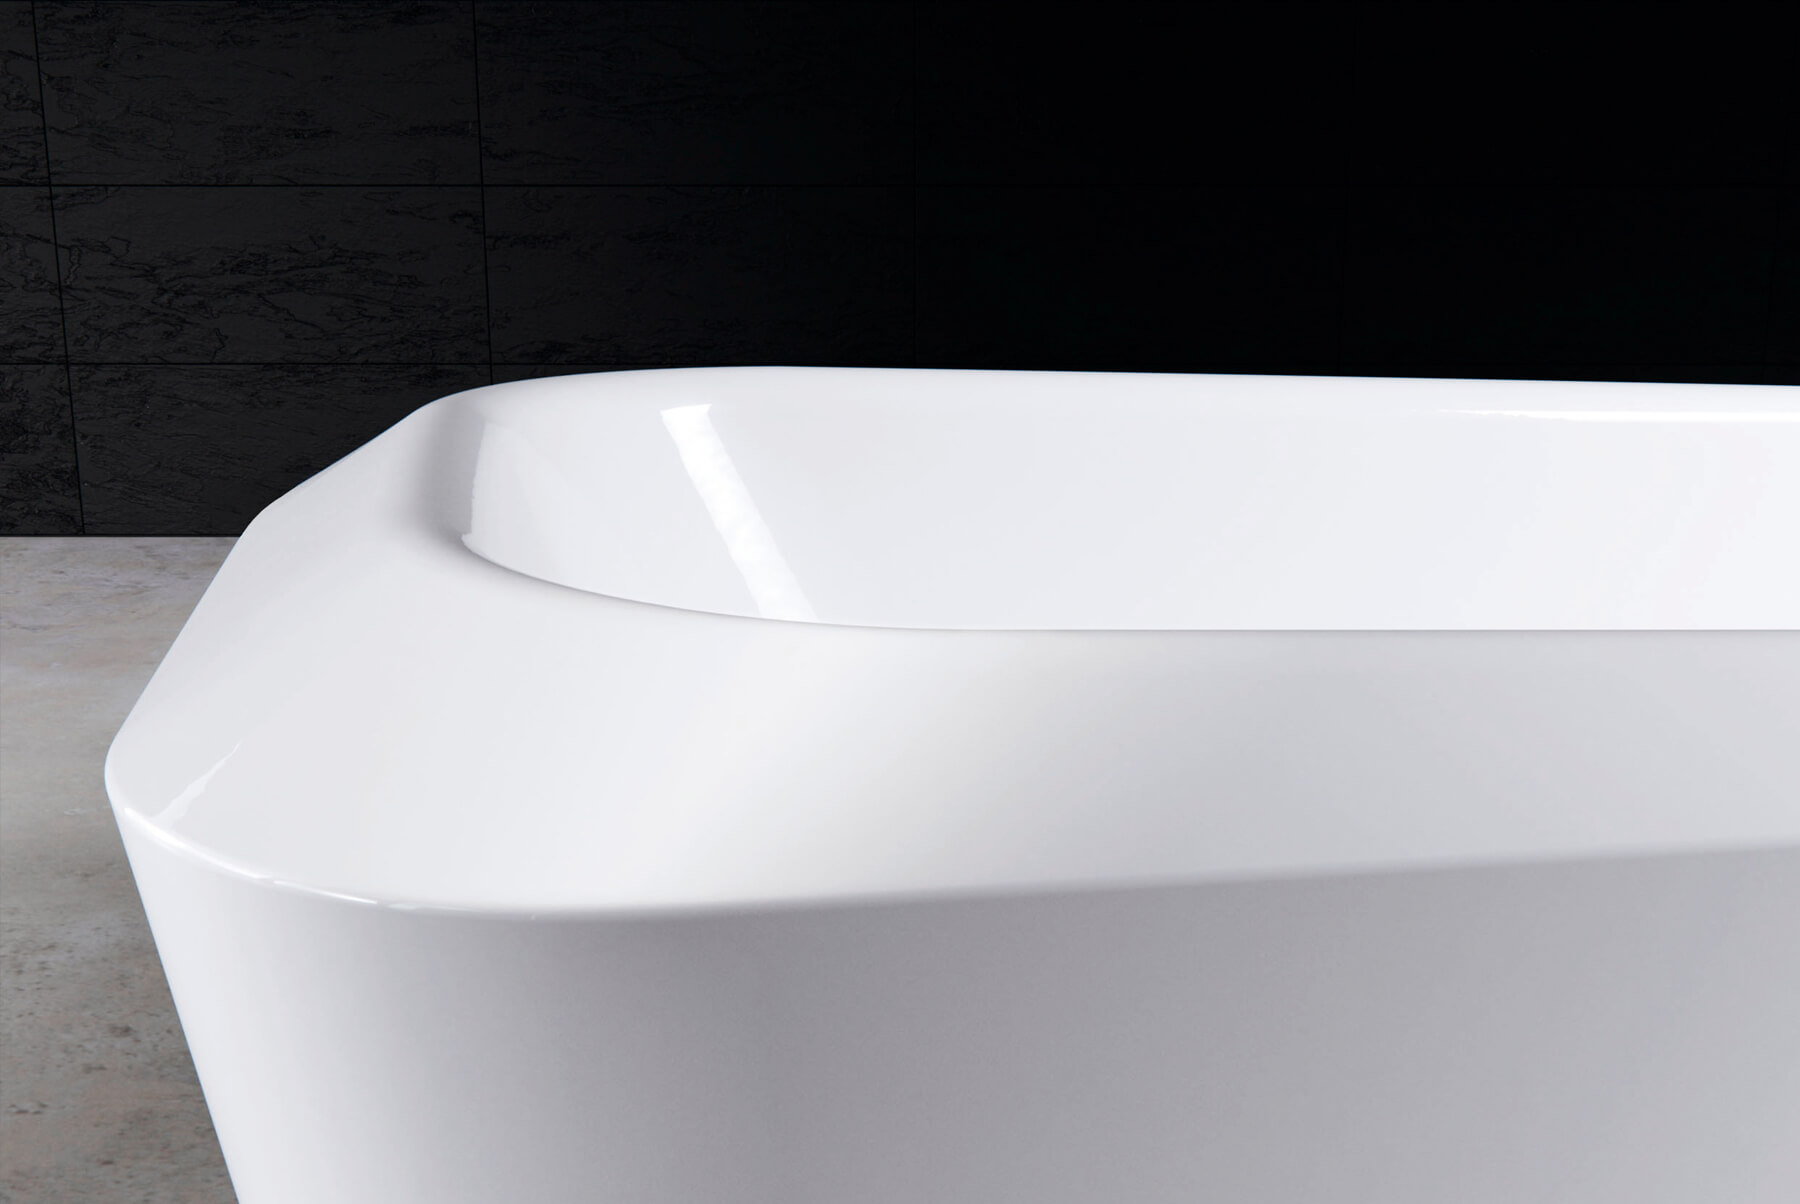 Bath-Tubs-Kaldewei-Emerso-5-1800x1204